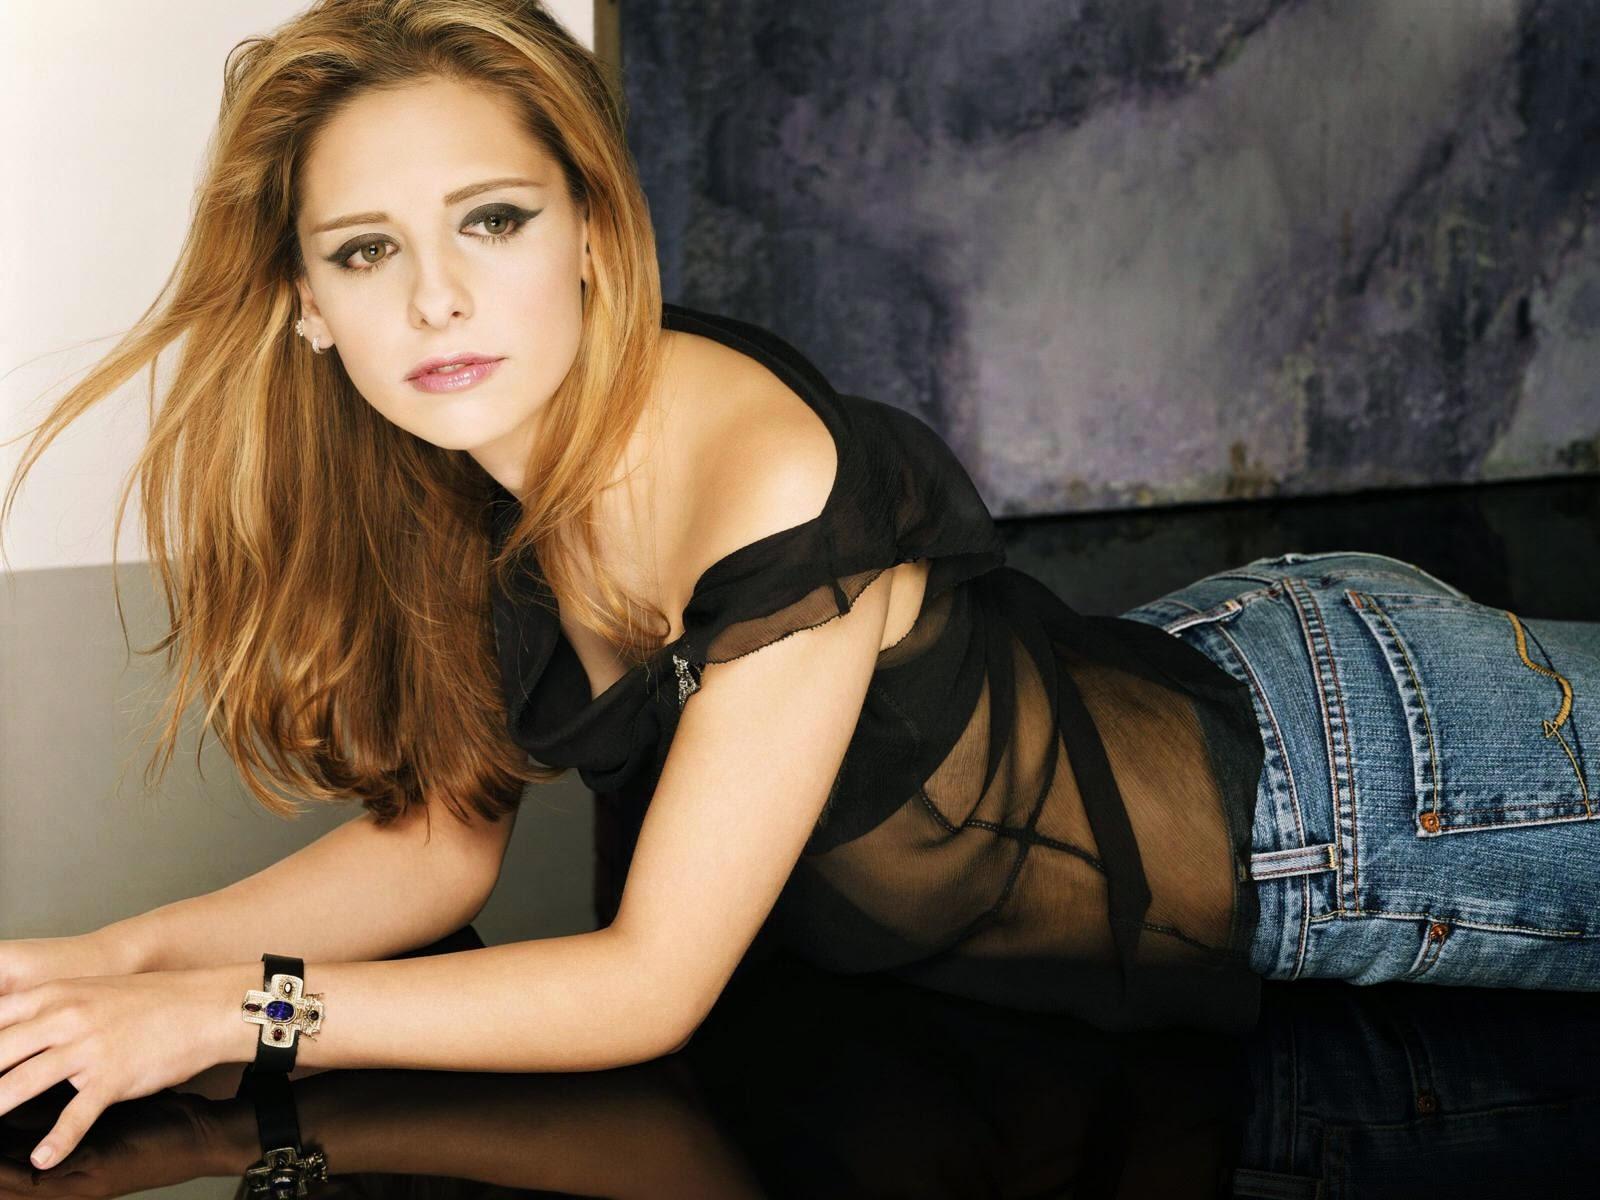 Sarah michell Nacktfotos